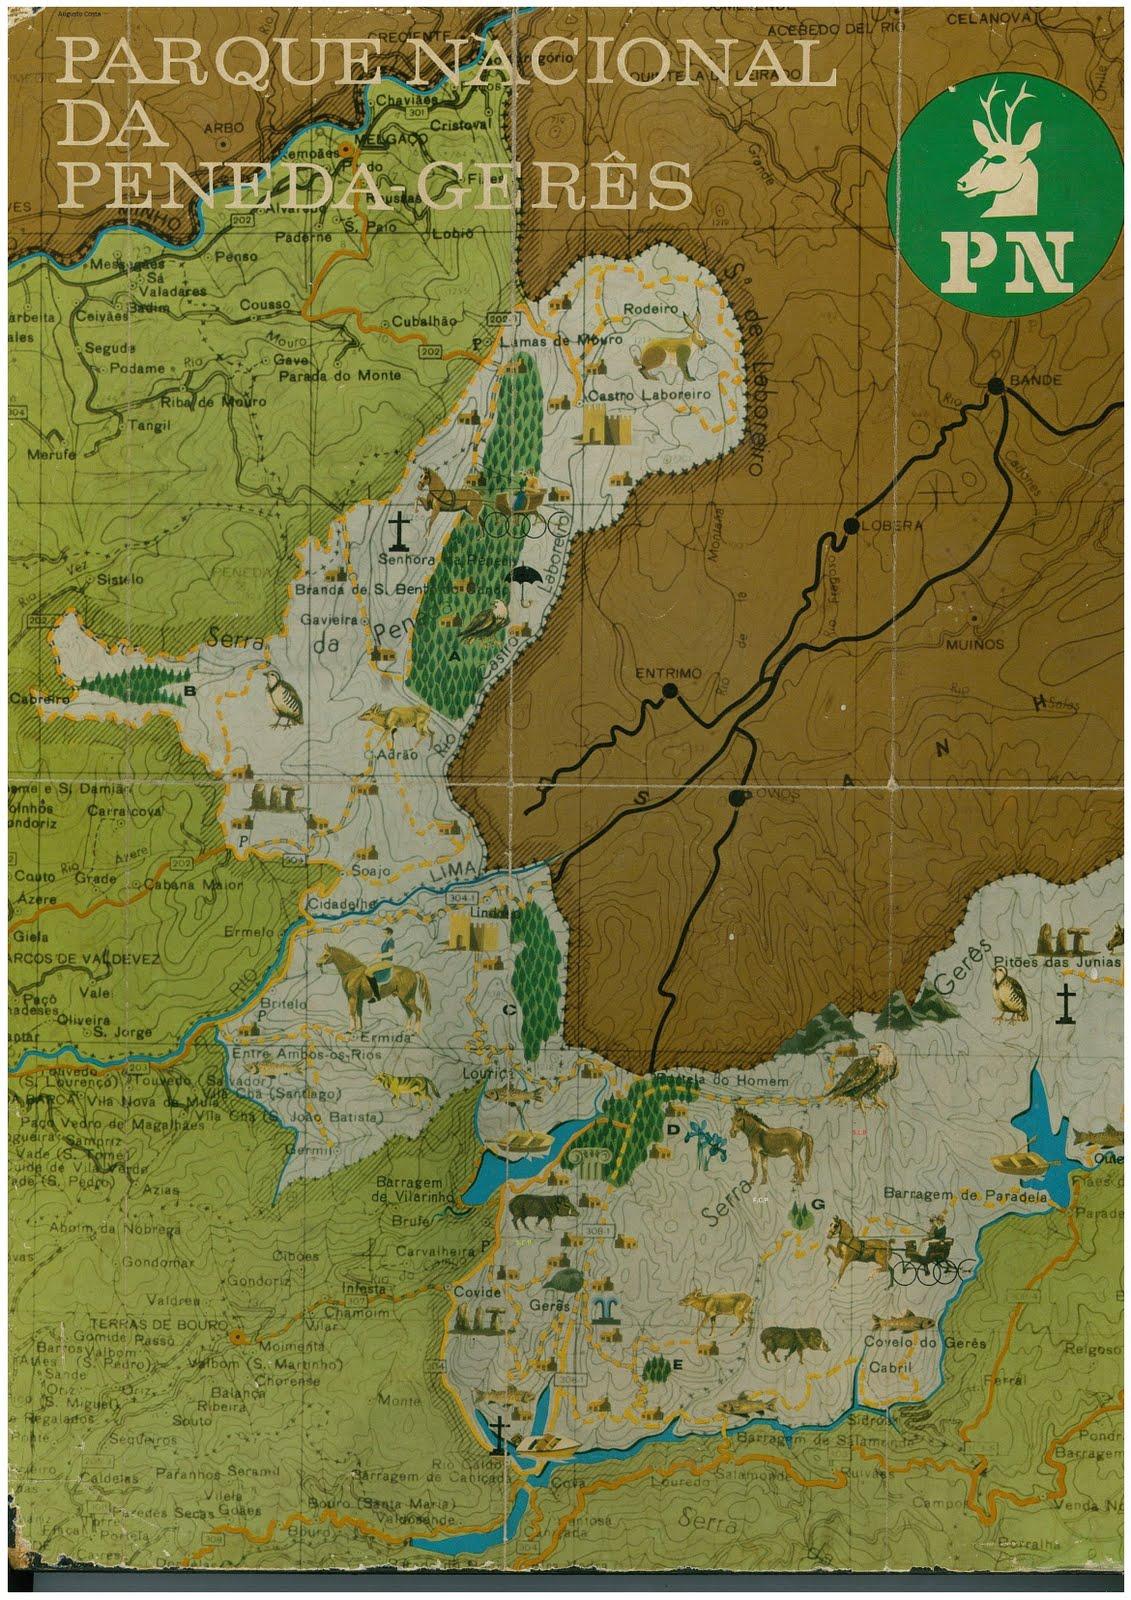 mapa da peneda do geres HOCOKA: Parque Nacional Peneda Gêres (P.N.P.G.)   Mapa mapa da peneda do geres